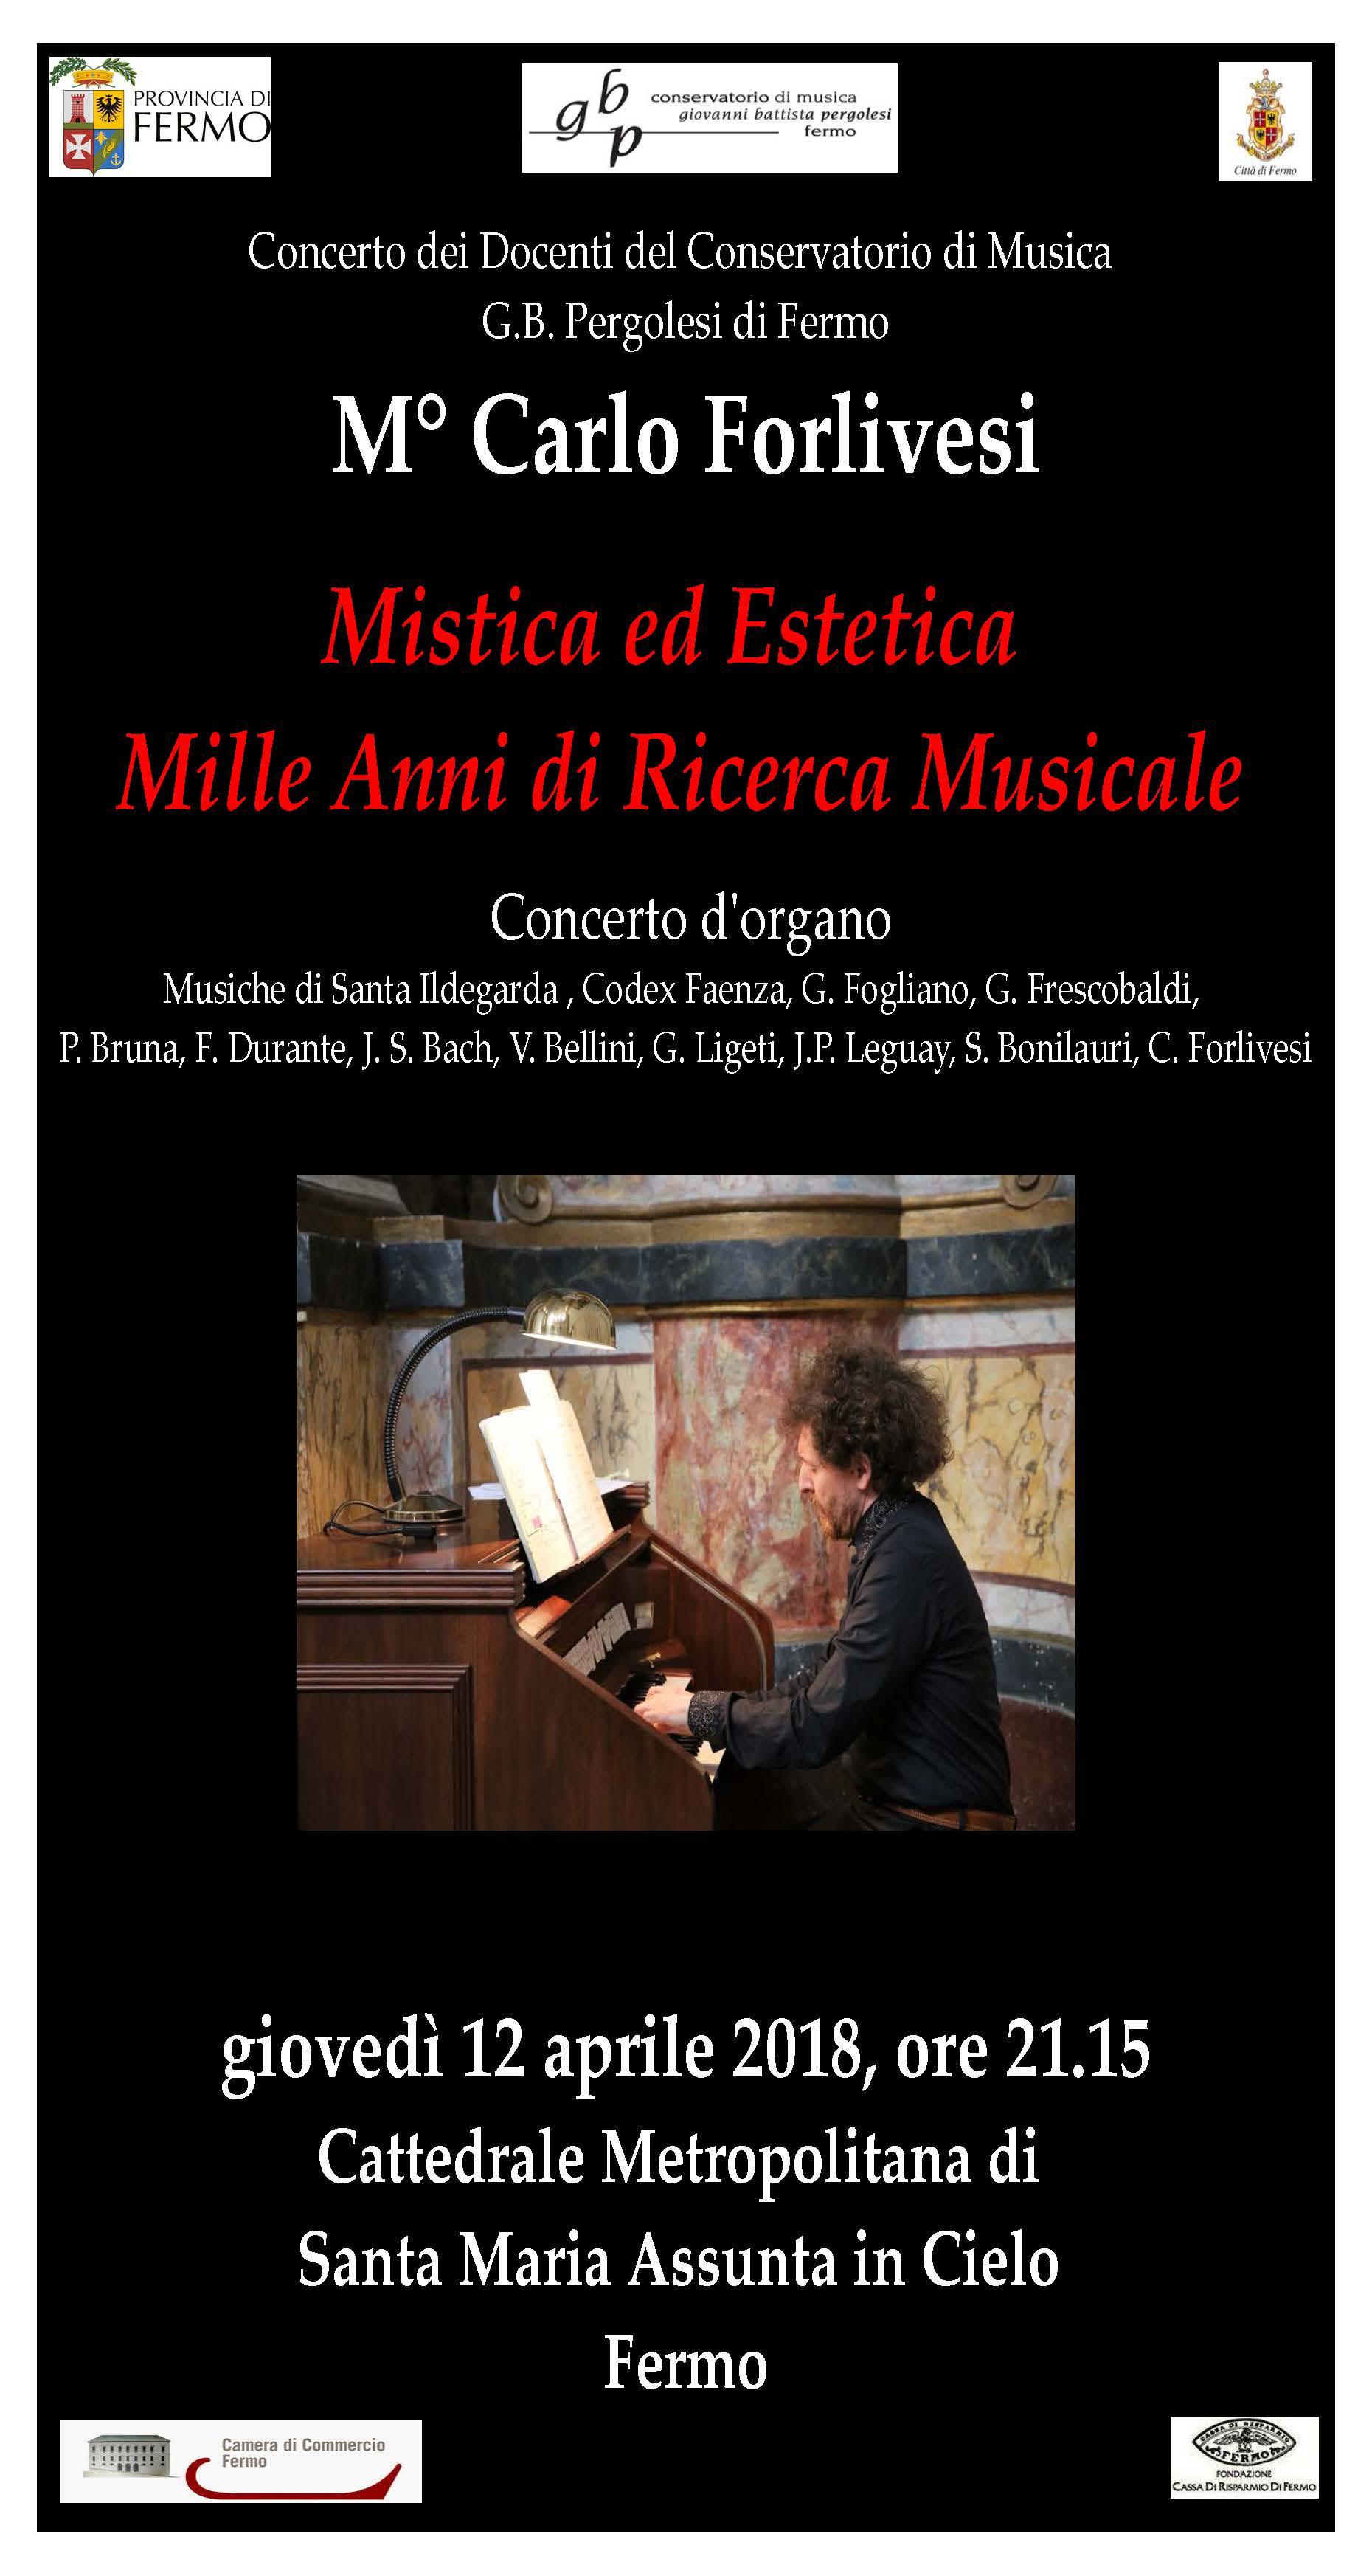 Locandina Concerti docenti-Forlivesi